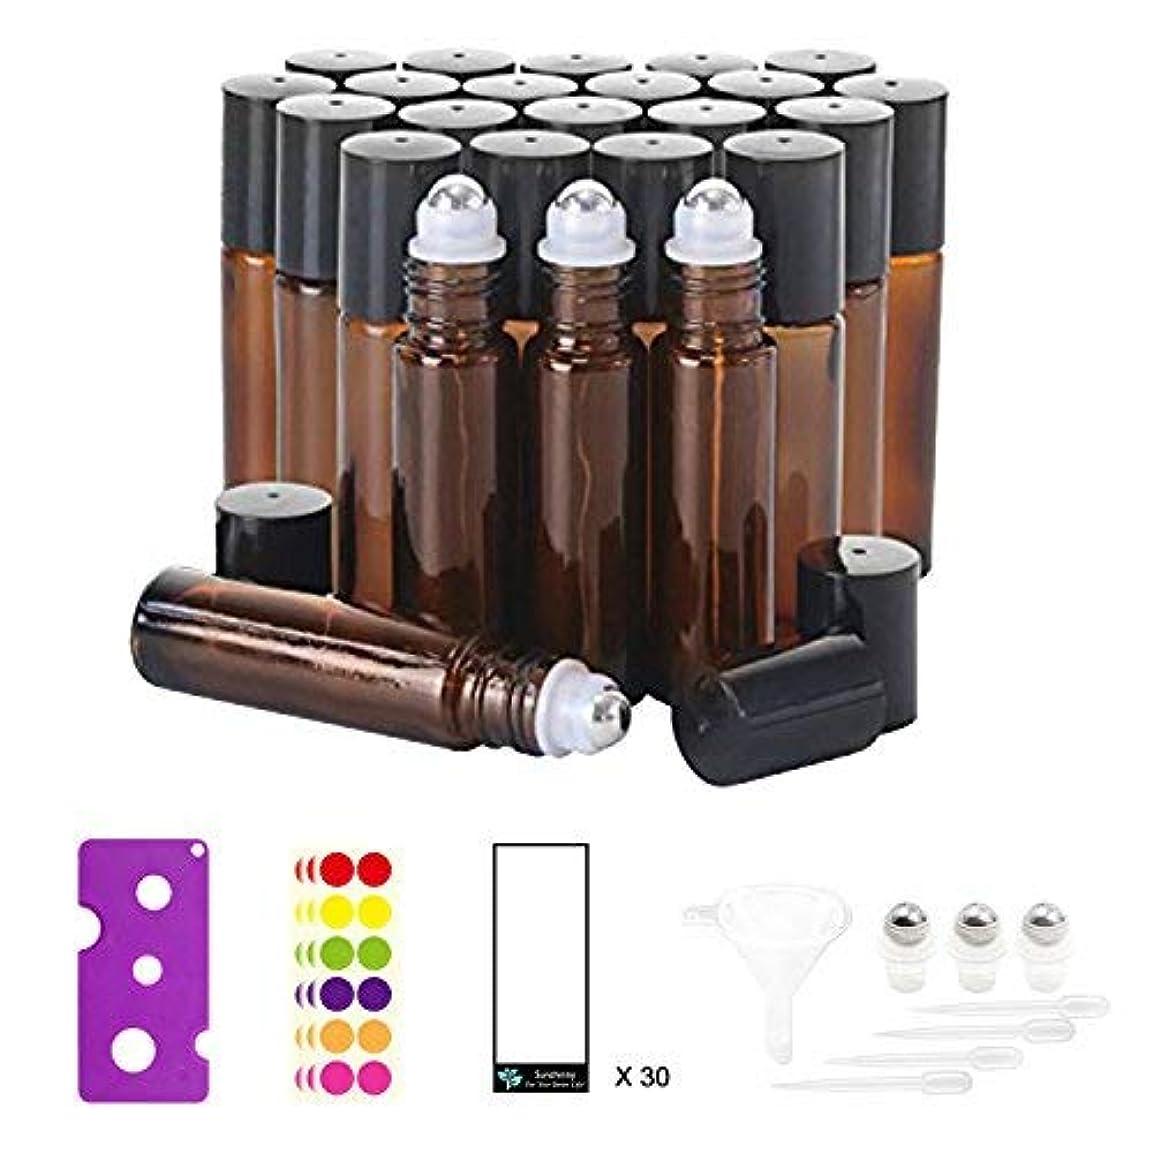 正当な半球死の顎24, 10 ml Glass Roller Bottles for Essential Oils - Amber, with Stainless Steel Roller Balls (3 Extra Roller Balls...